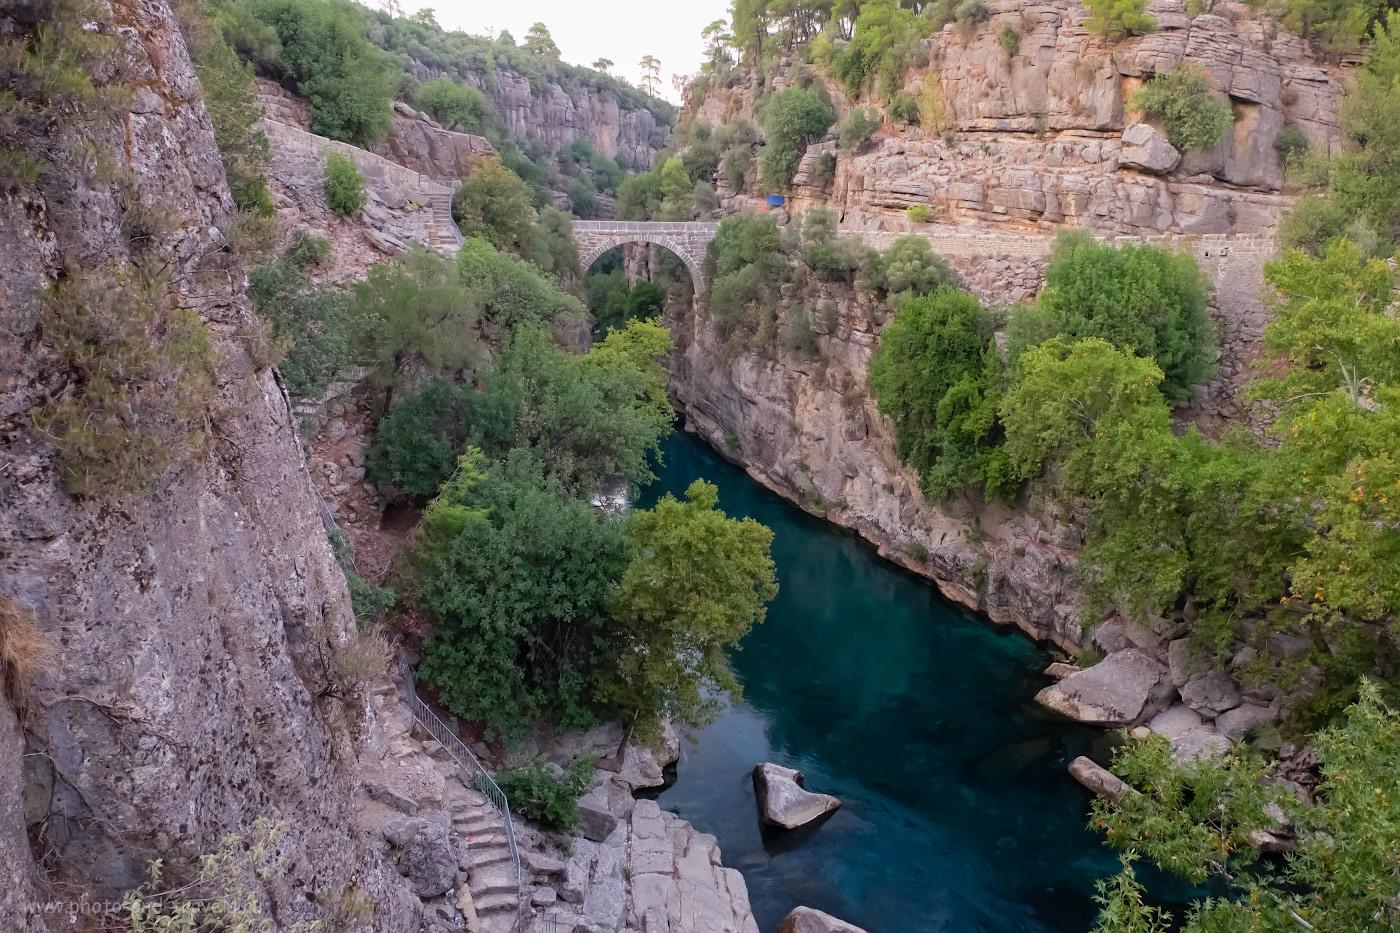 3. Вид на ущелье реки Кёпрючай, через которое проложен мост Олук в парке «Каньон Кёпрюлю». 1/35, 2.8, 3200, 16.